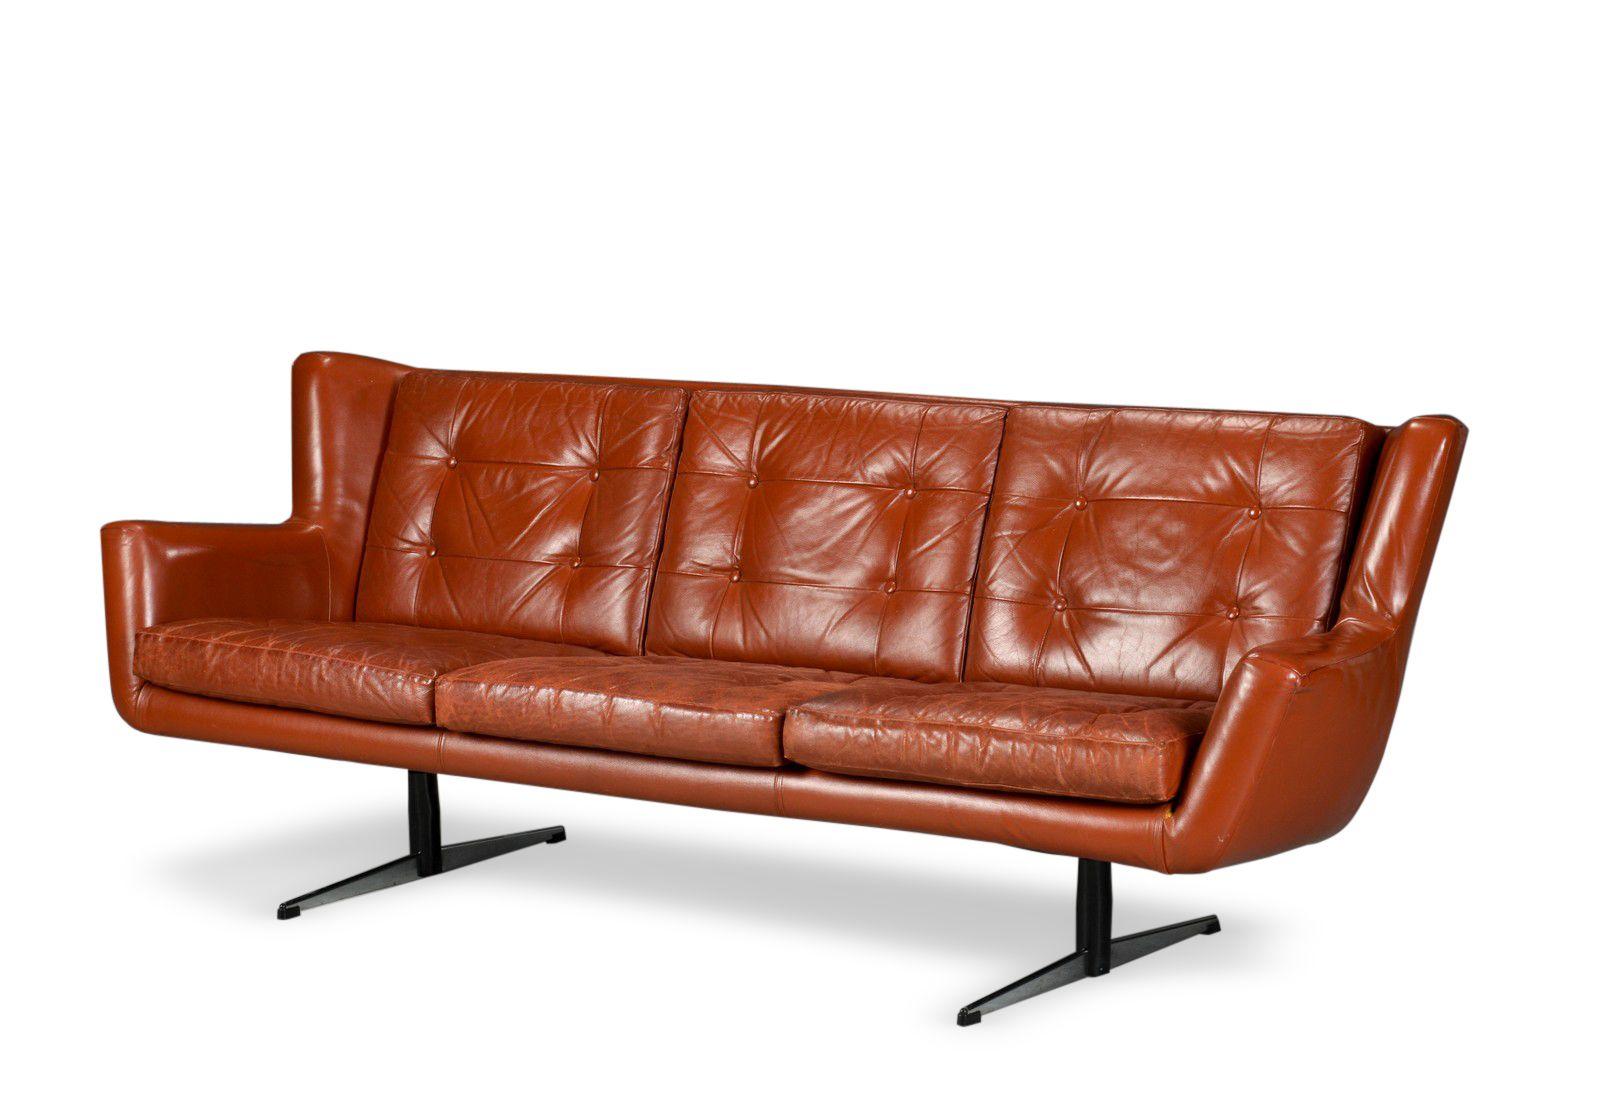 Vintage Leder 3-Sitzer Sofa von Skjold Sørensen